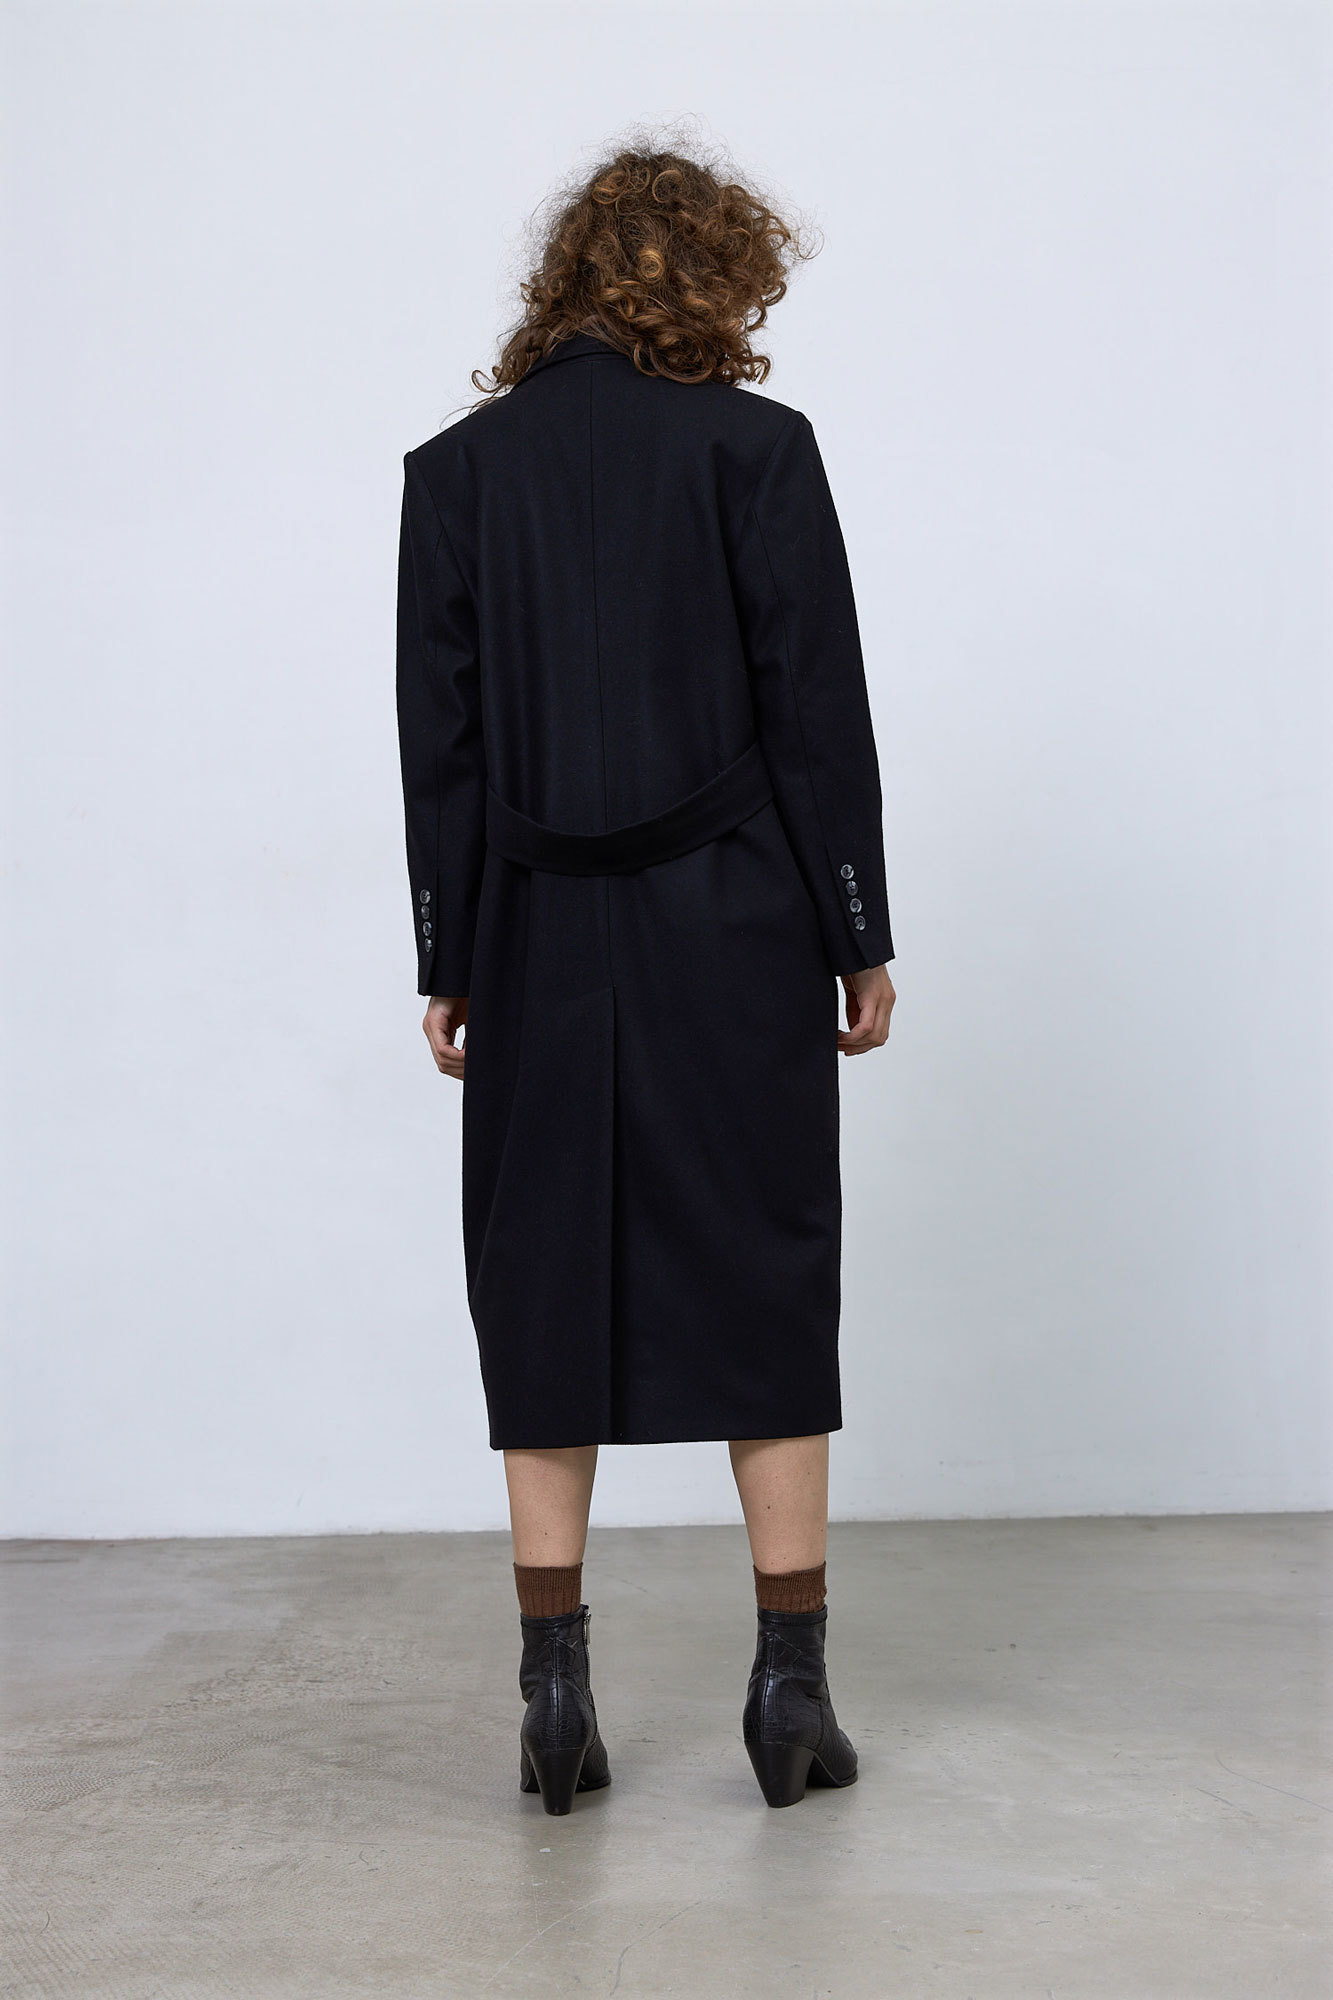 Пальто в мужском стиле с хлястиком на спинке, черный